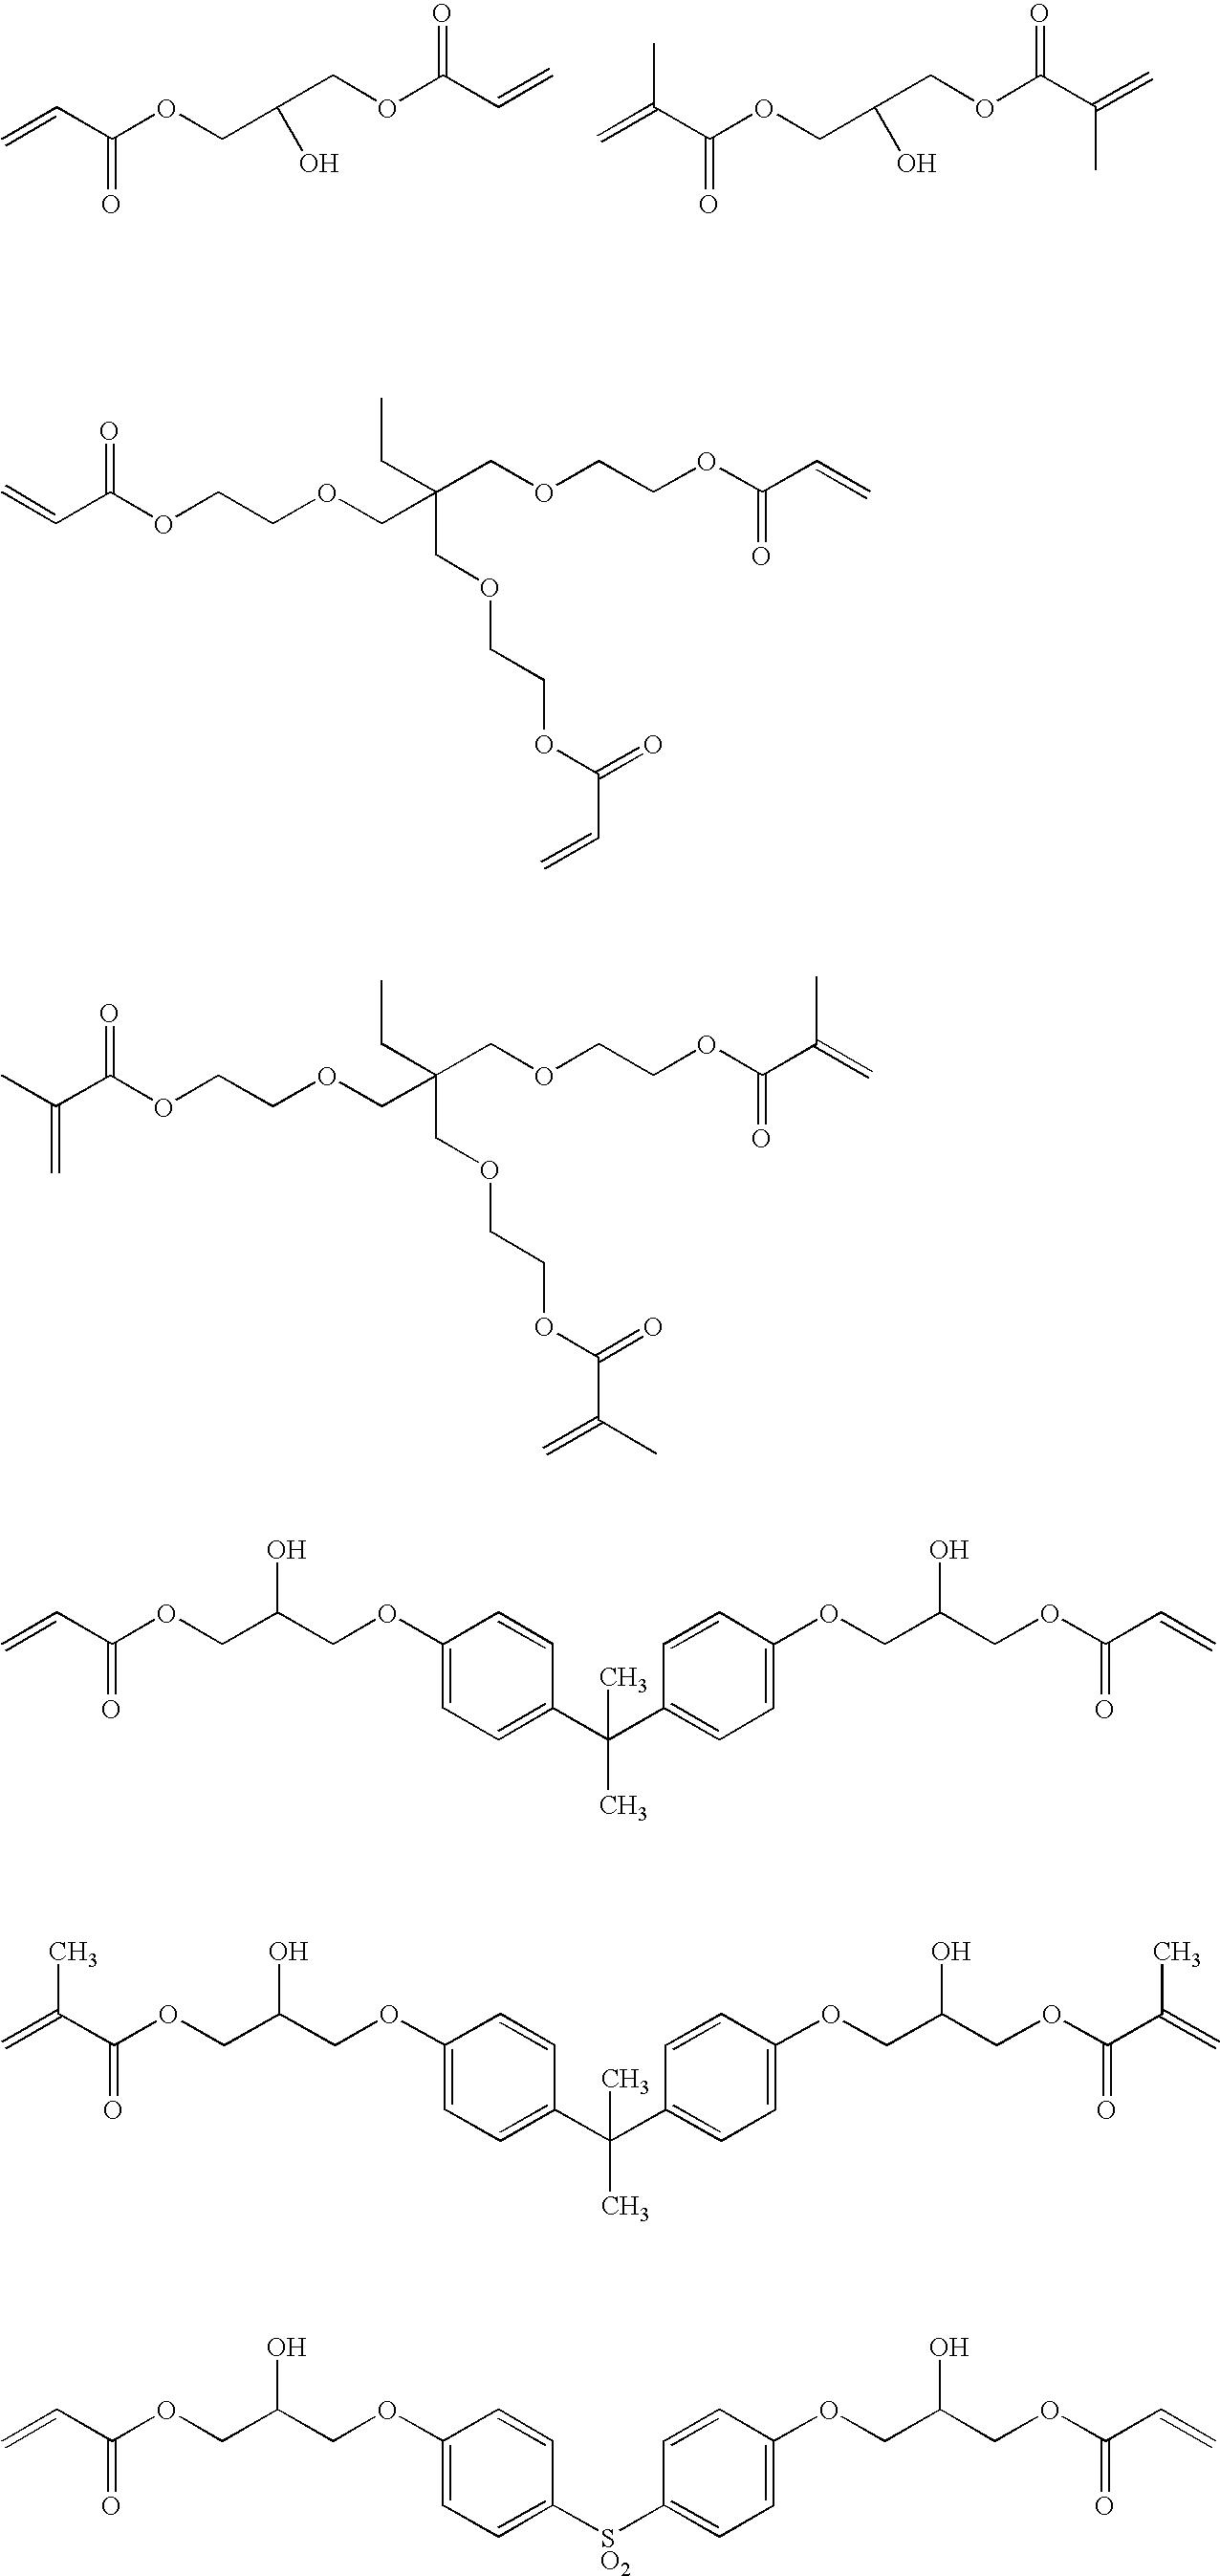 Figure US08586189-20131119-C00002